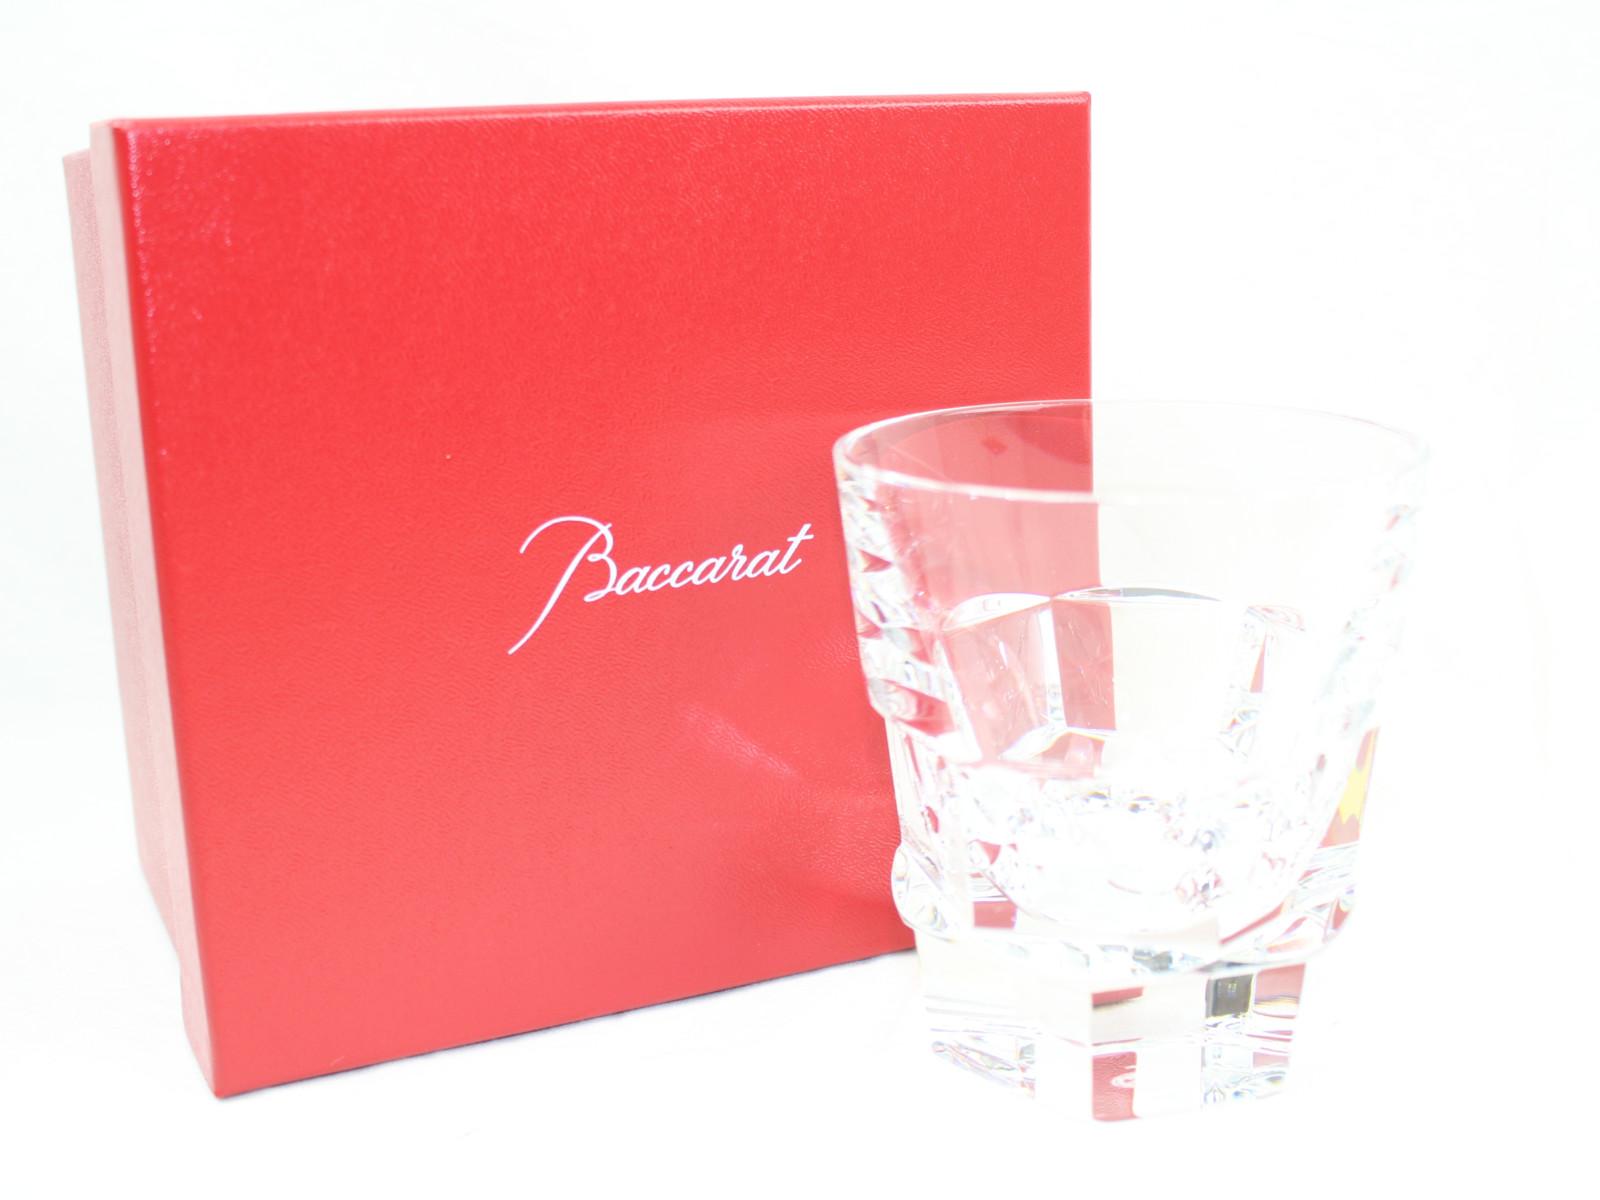 Baccarat アビス 無色透明  メンズ レディース ユニセックス ブランド ショットグラス お酒 コップ 食器 飾り 記念 お祝い 置物 プレゼント 贈り物 人気 【中古】